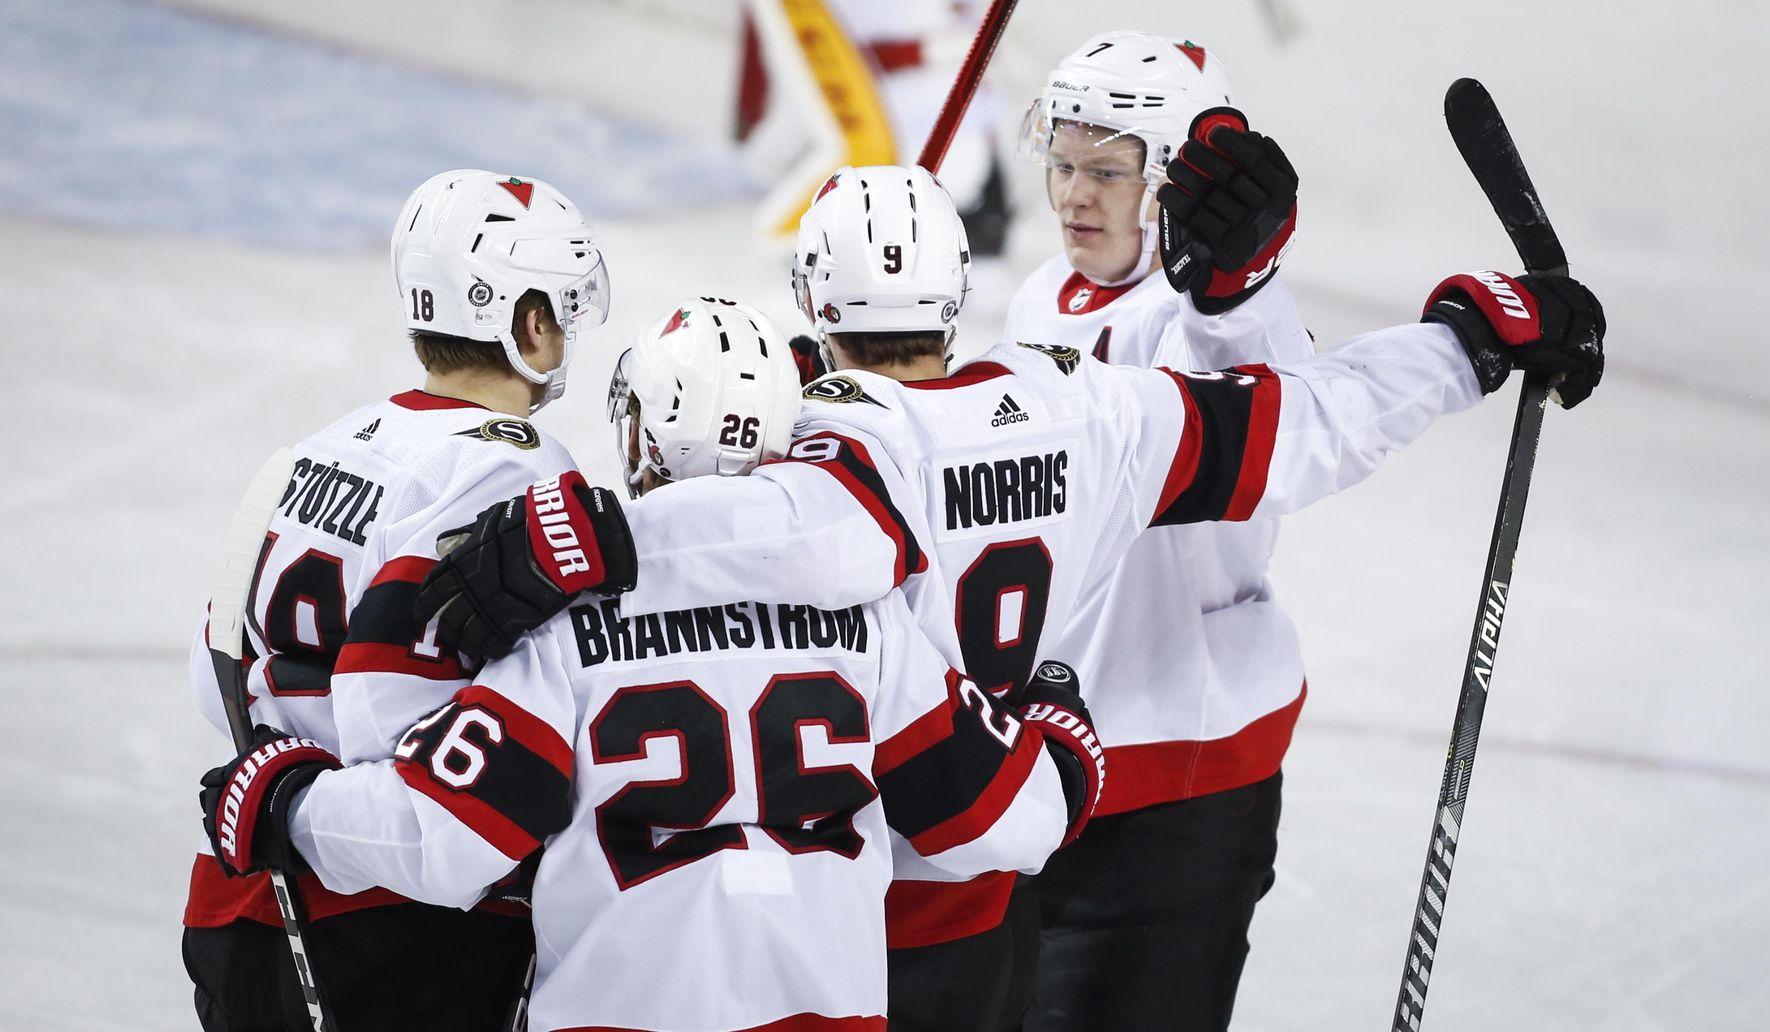 Senators_flames_hockey_85872_c0-7-4000-2339_s1770x1032